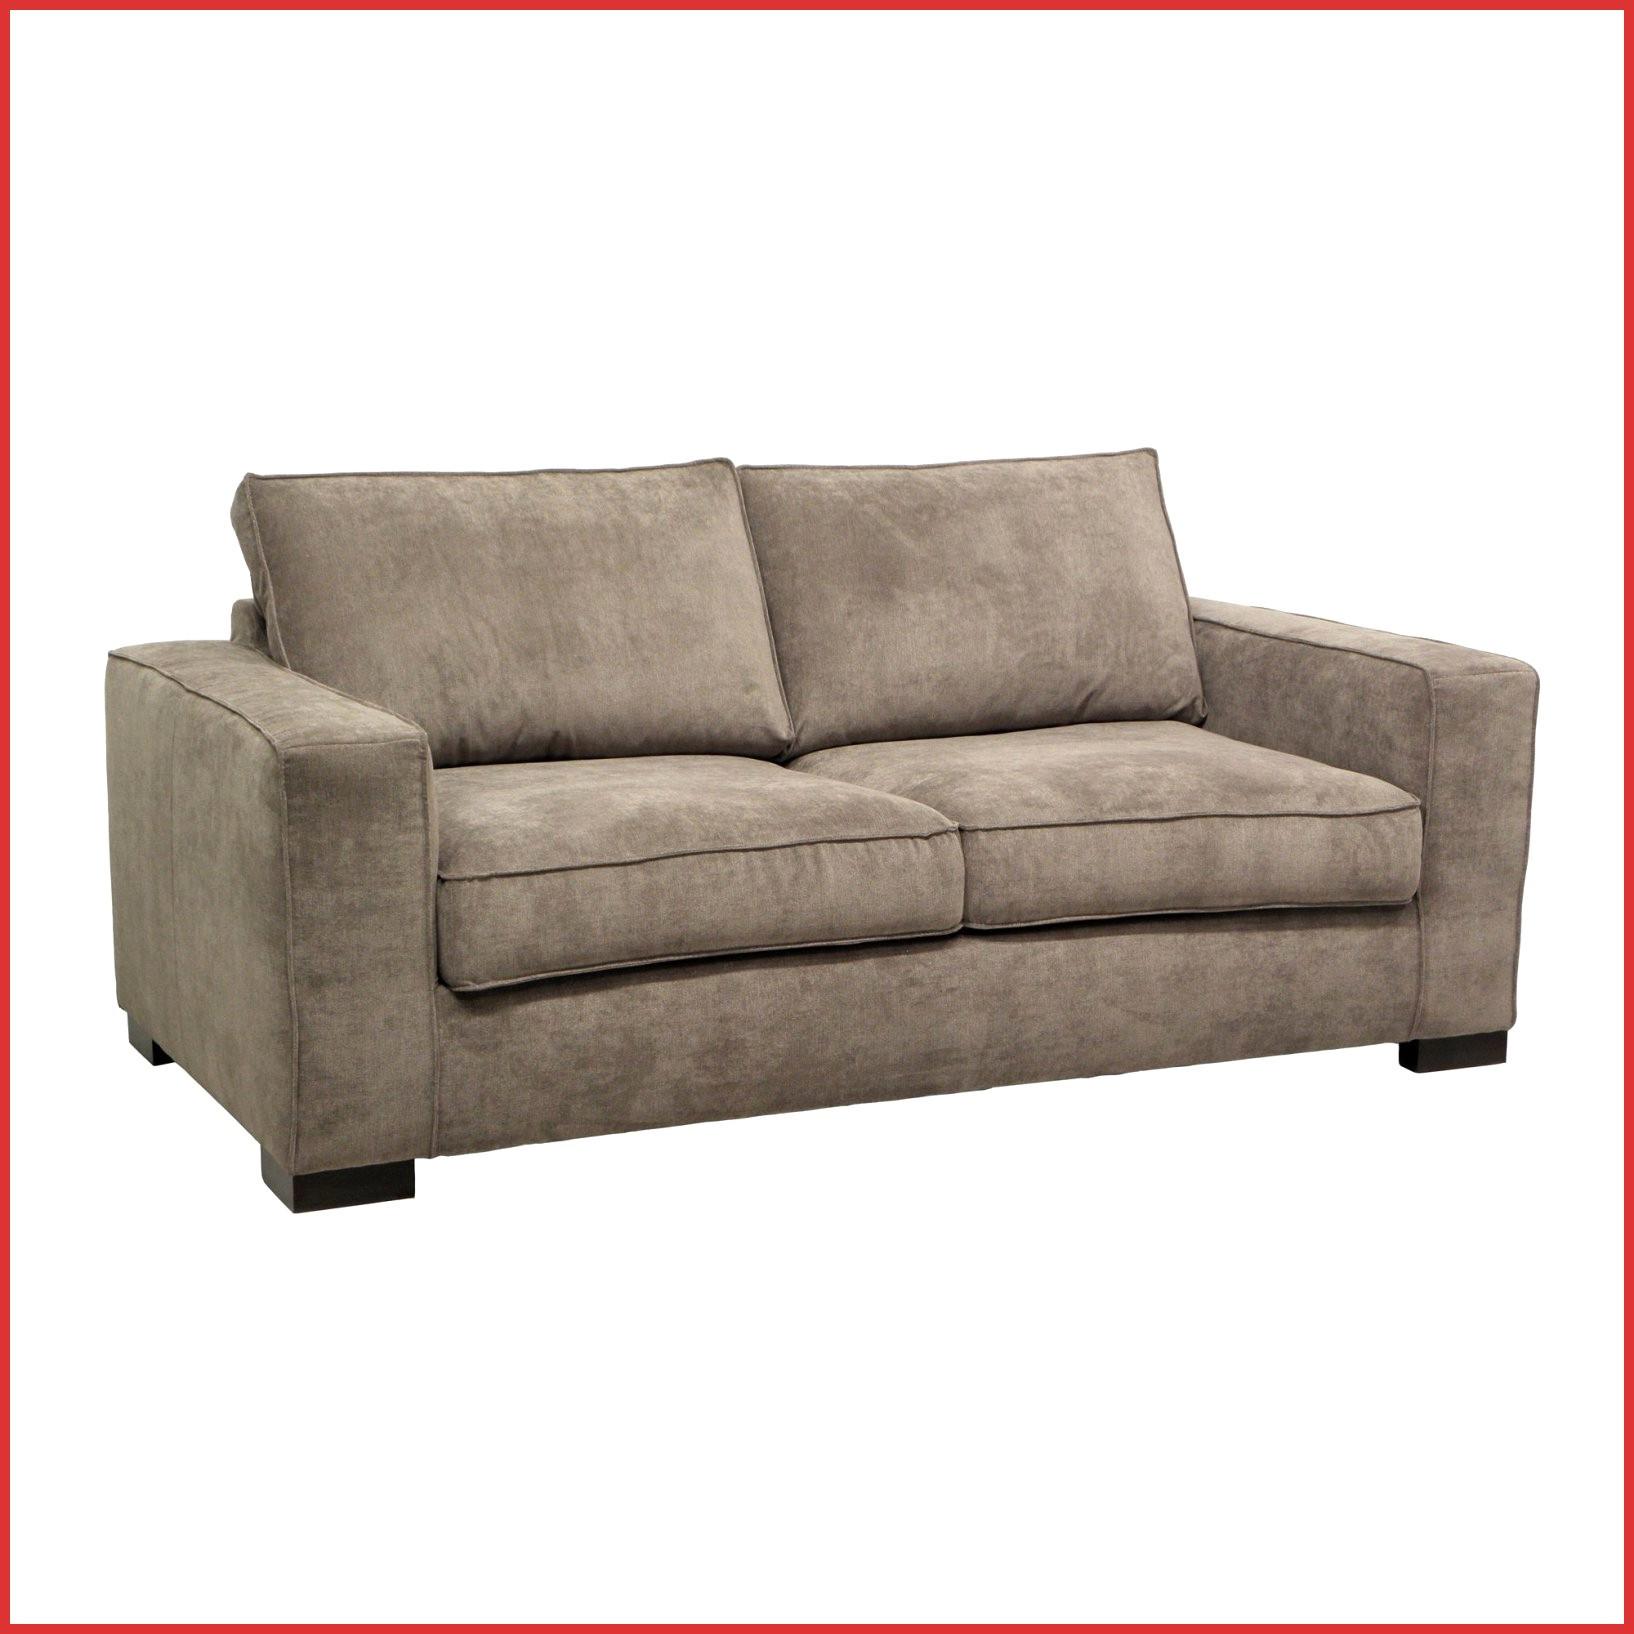 Ikea Canapé Bz Frais Photos Canap Convertible 3 Places Conforama 11 Lit 2 Pas Cher Ikea but